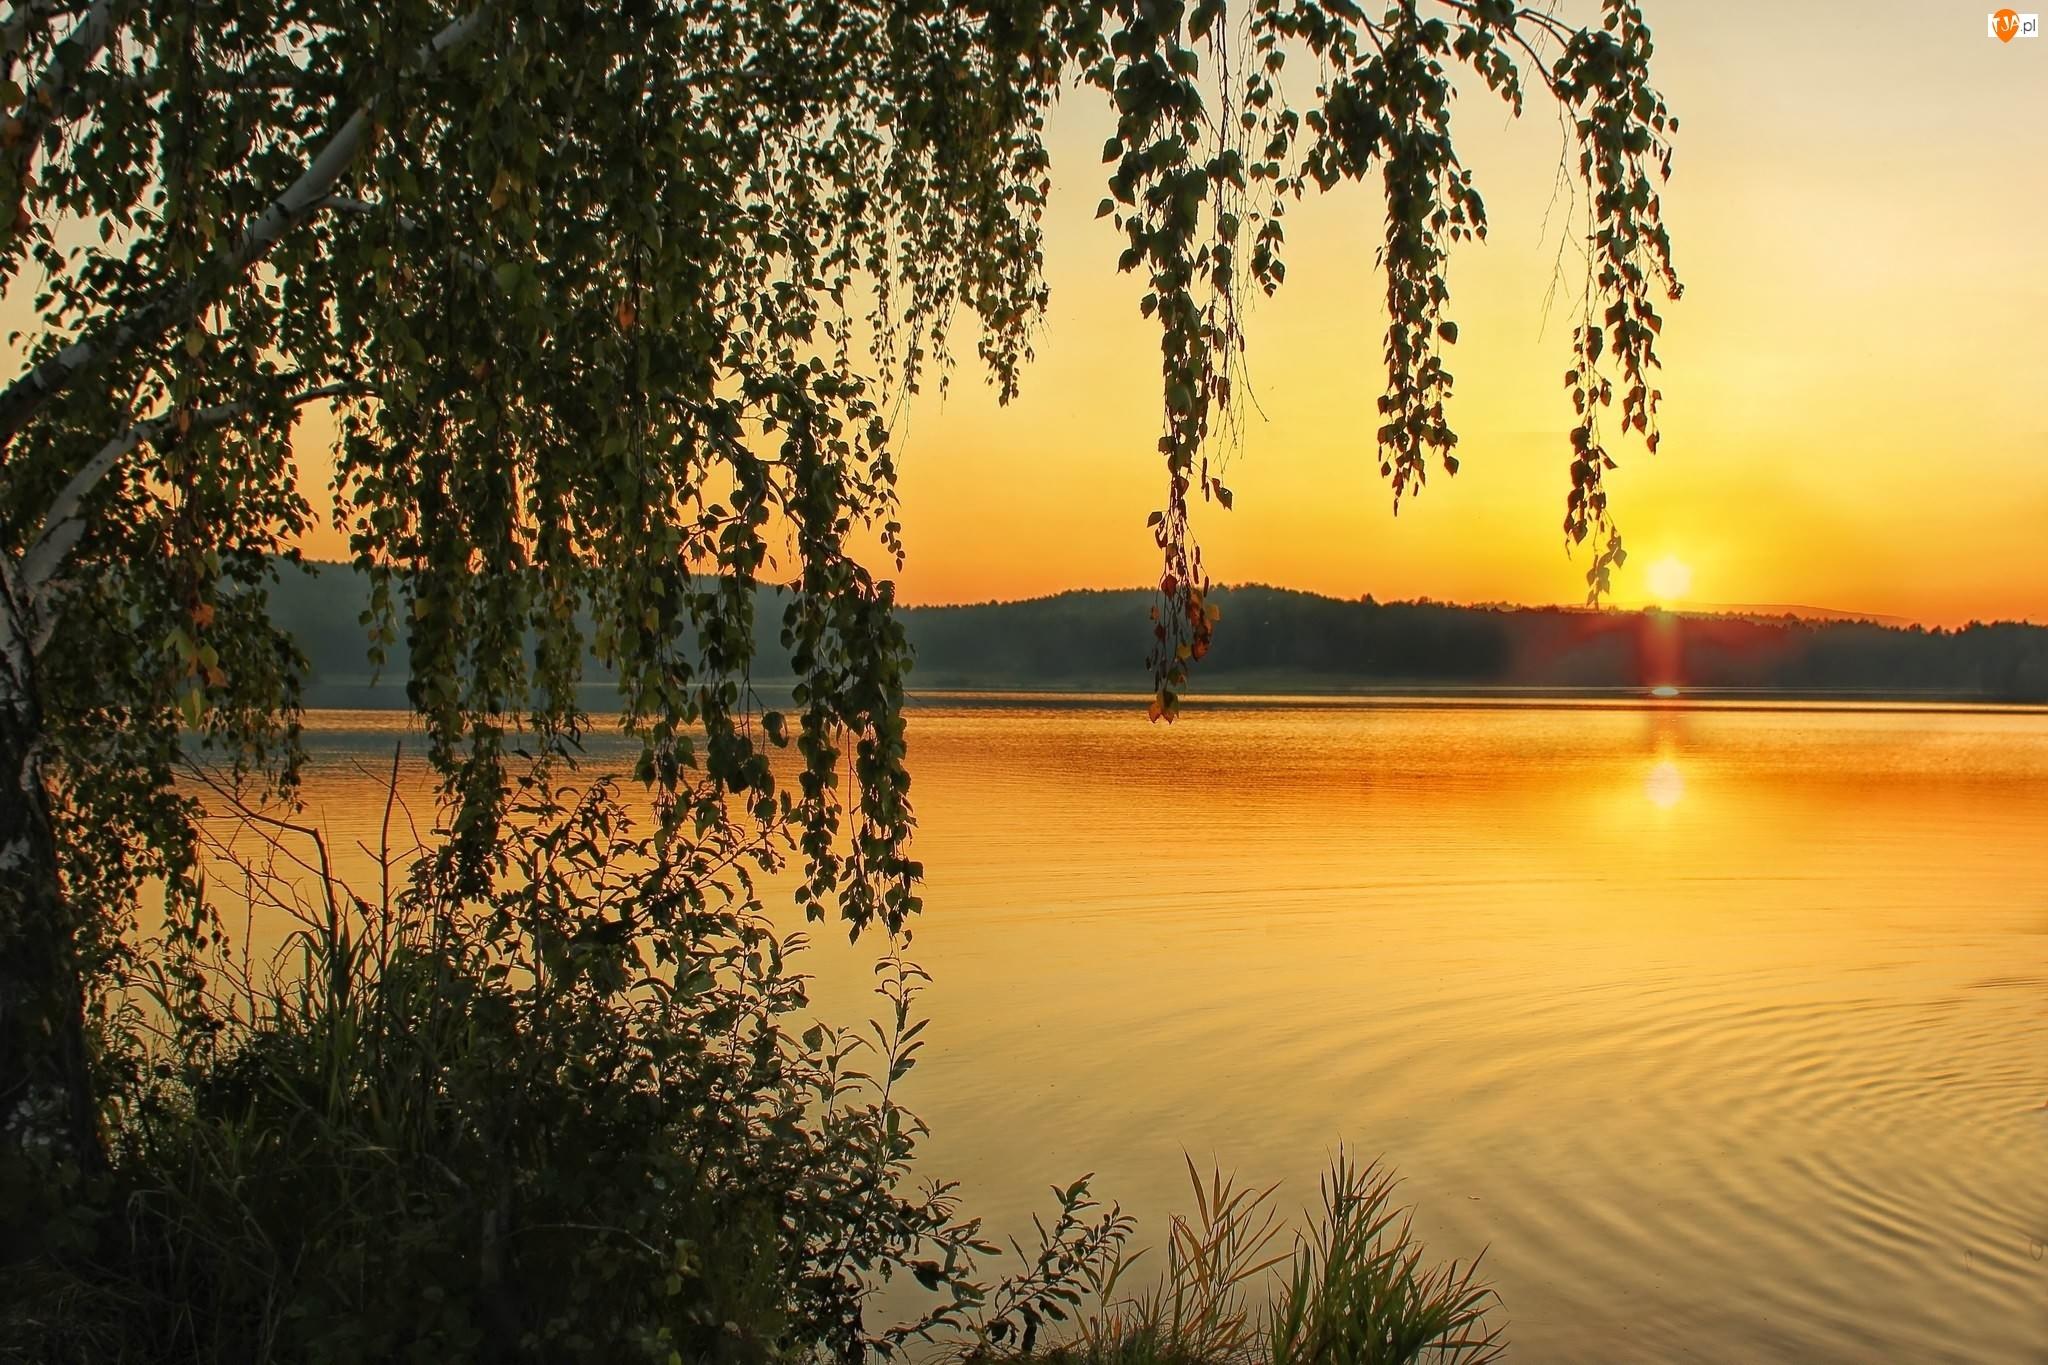 Lasy, Wscchód, Jezioro, Słońca, Brzoza, Góry